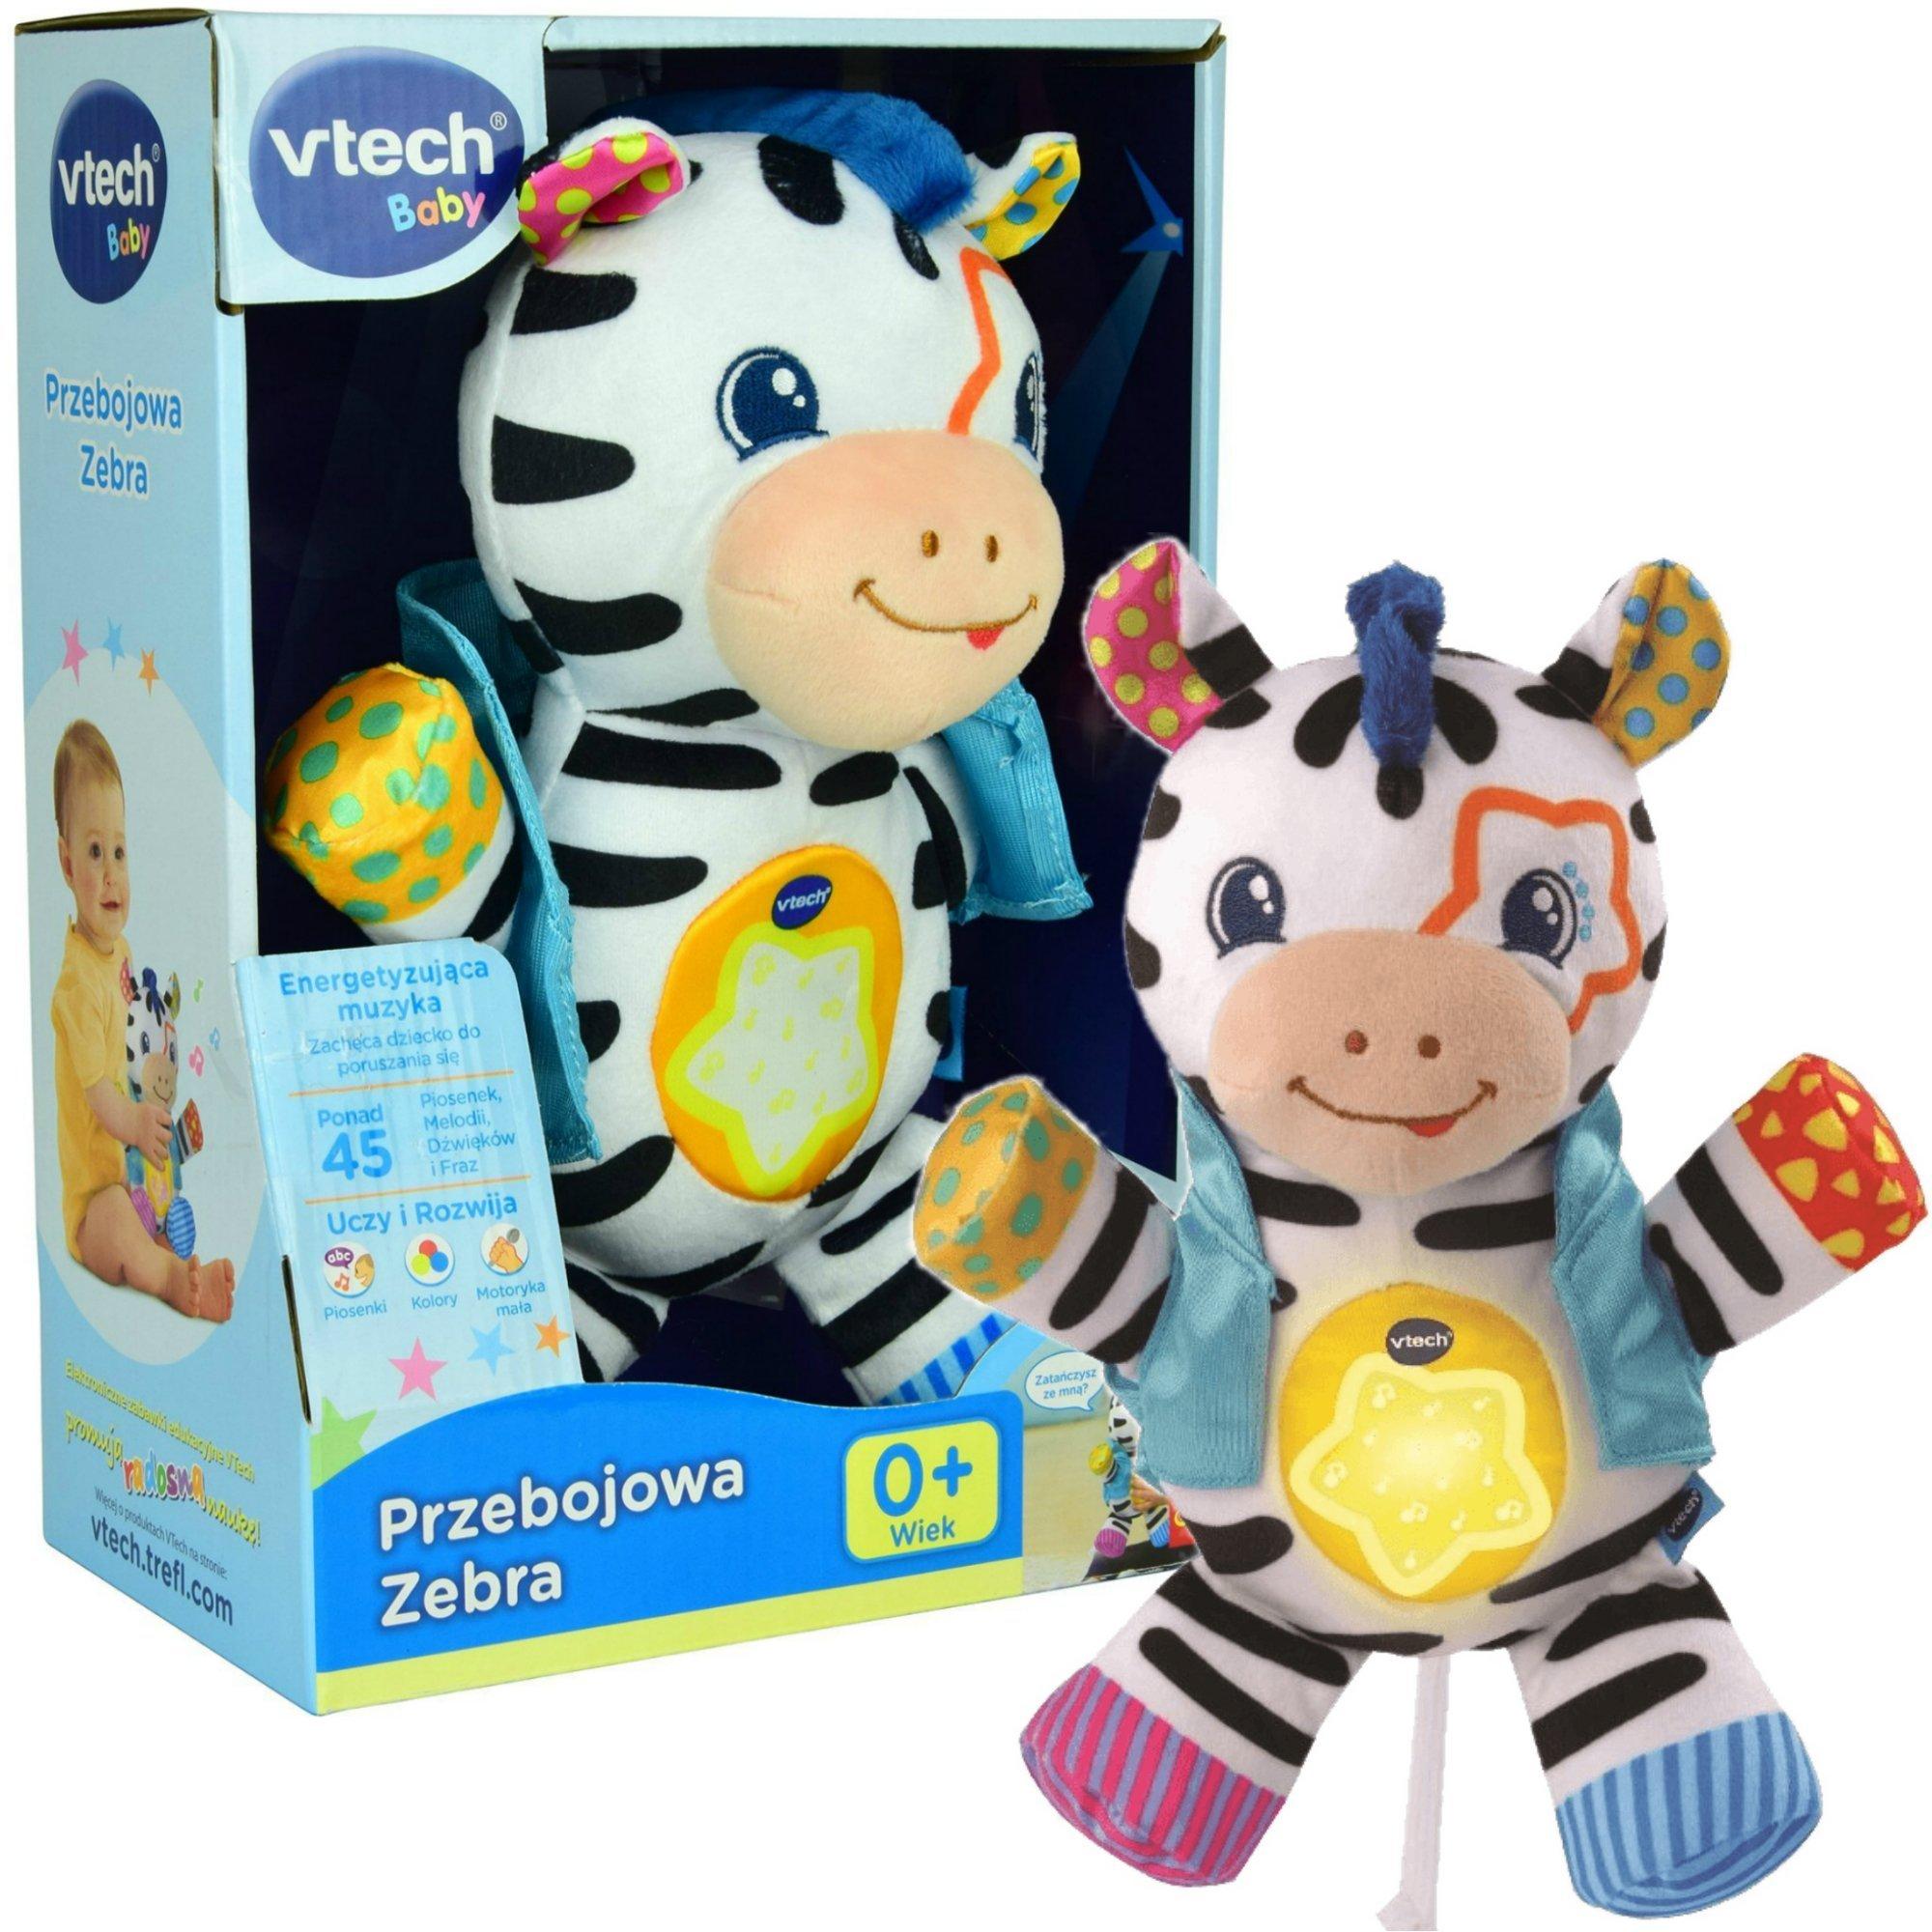 vTech Baby Przebojowa Zebra Pluszowa interaktywna maskotka